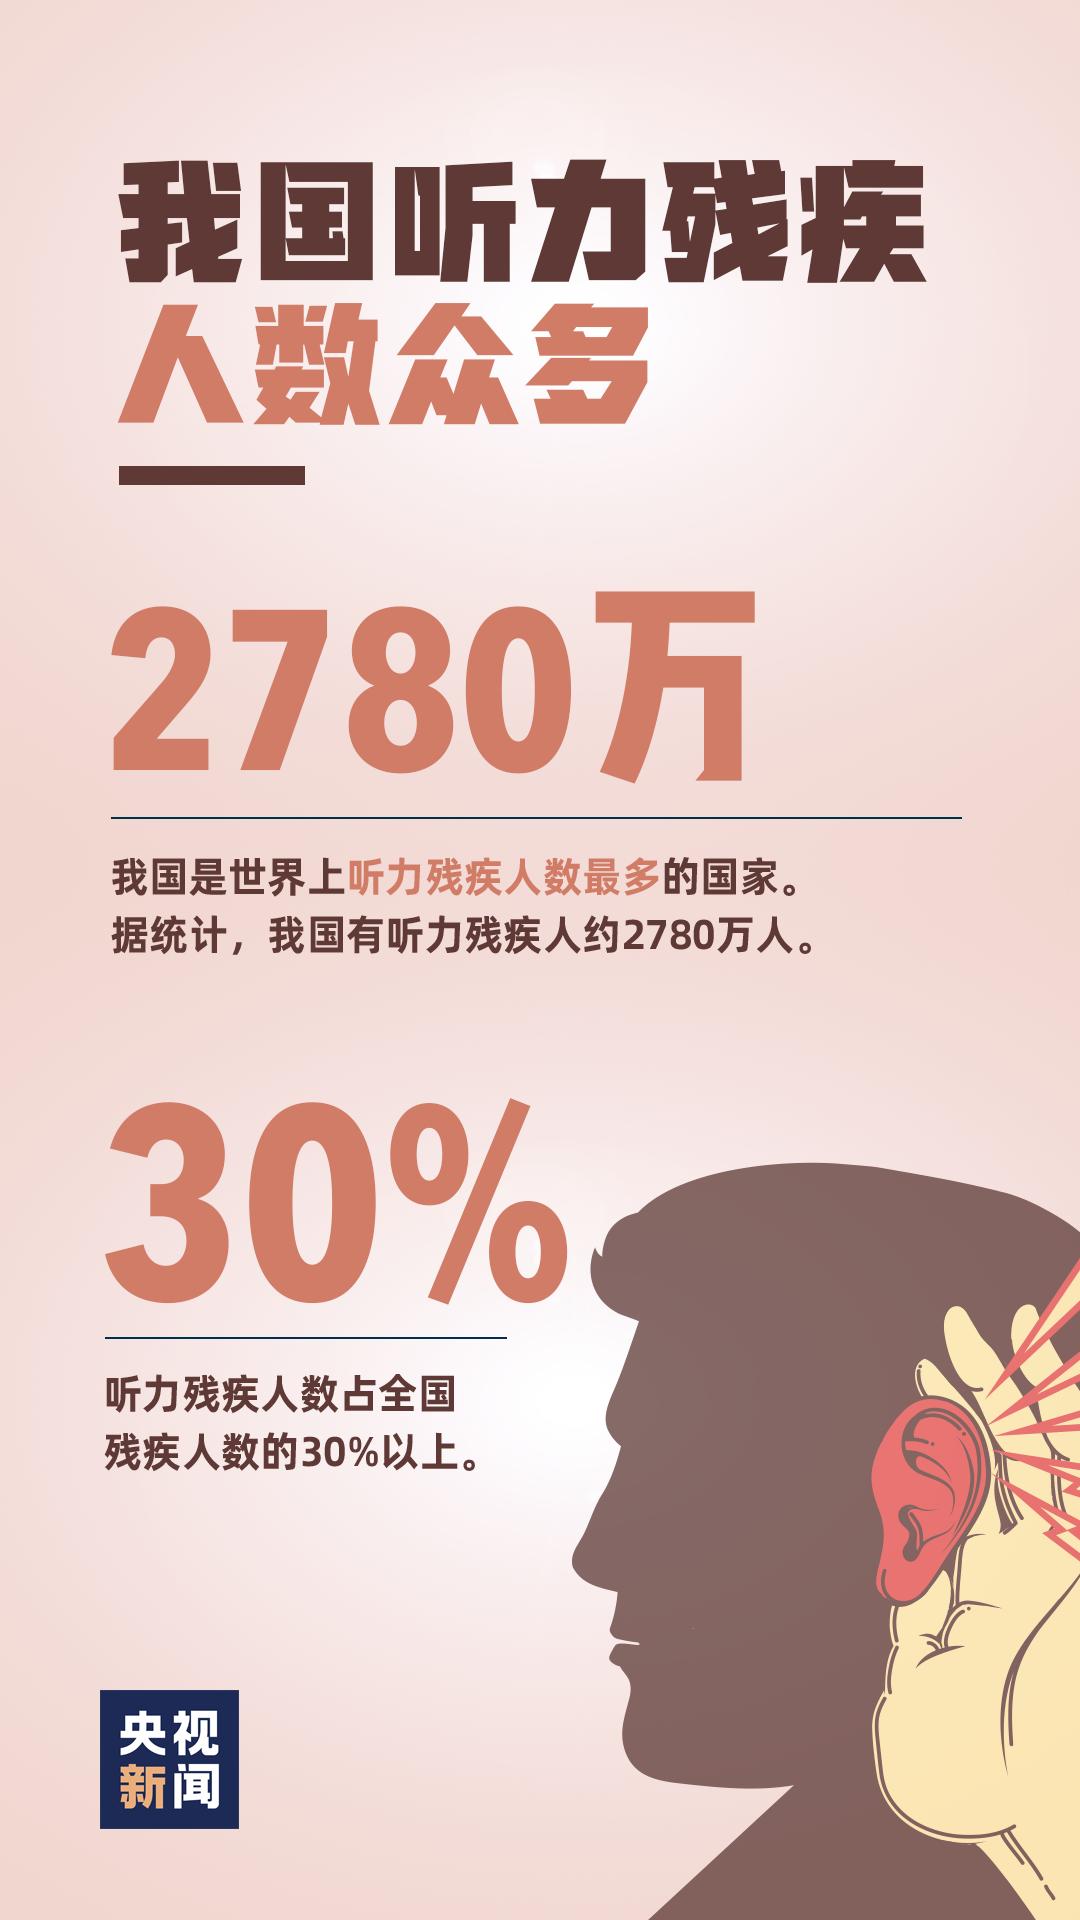 在中国,2780万人的生活被按下了静音键……图片